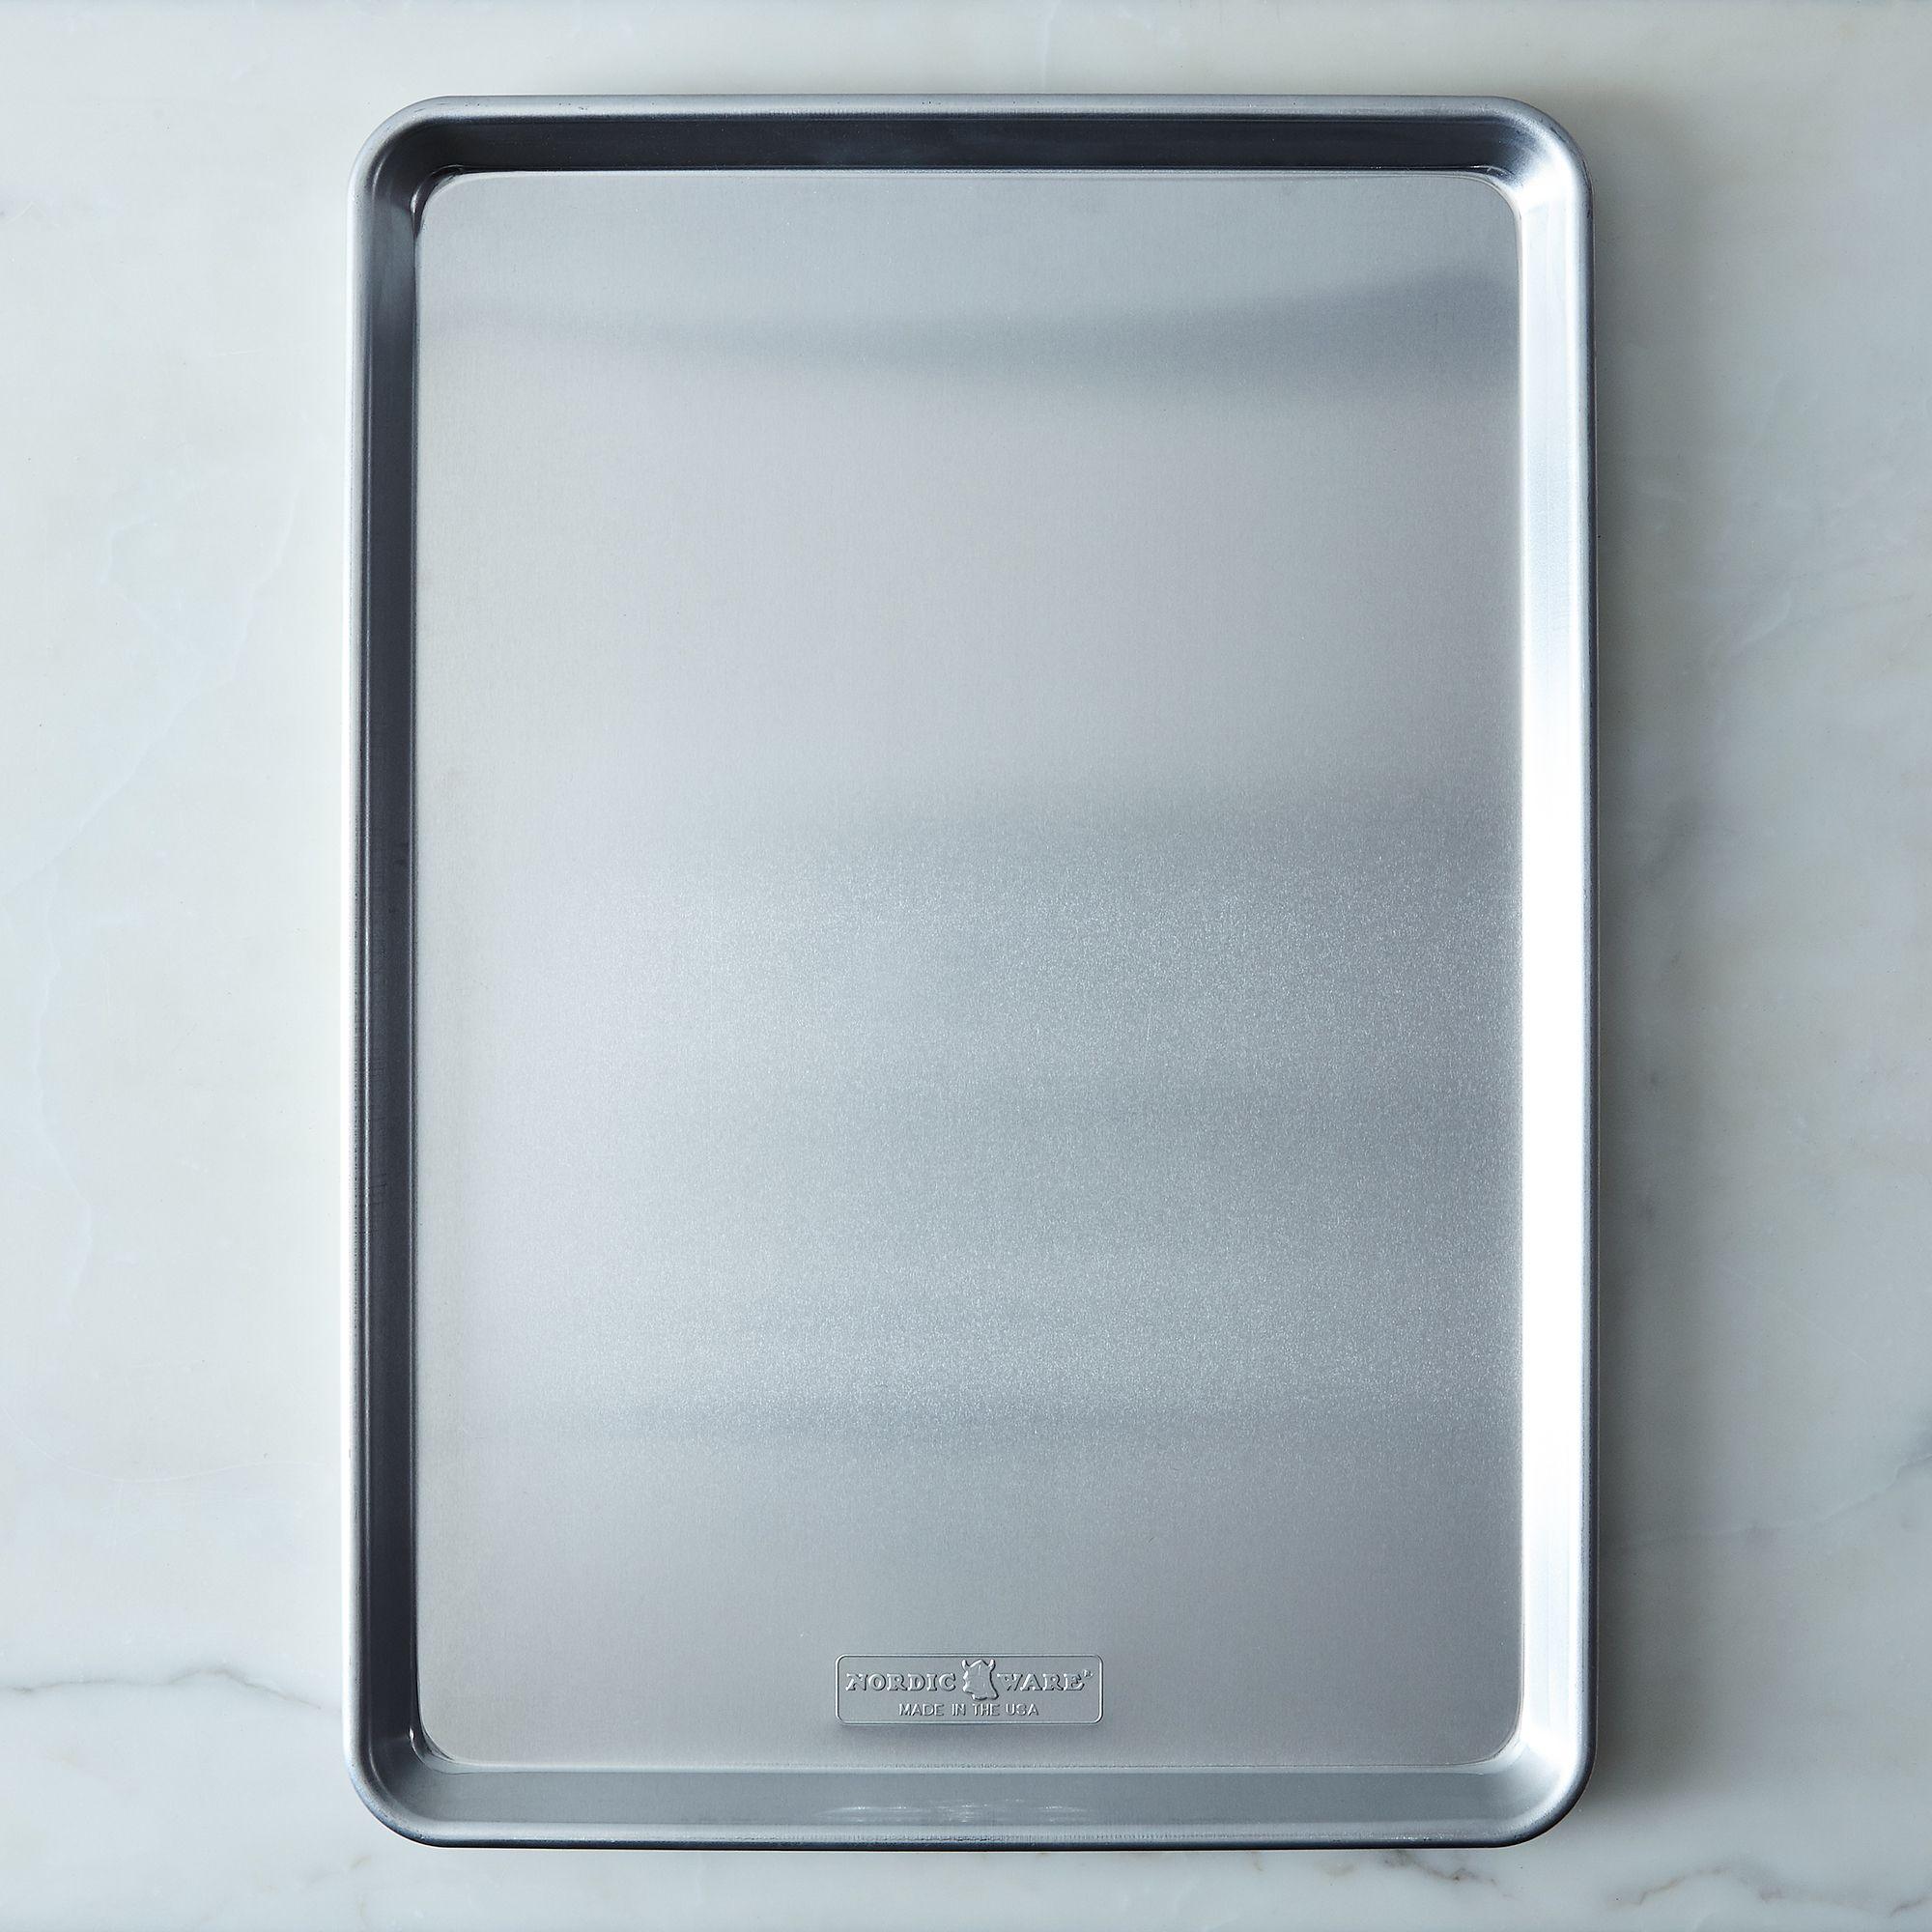 Nordic Ware Natural Aluminum Baking Sheets - Big Sheet